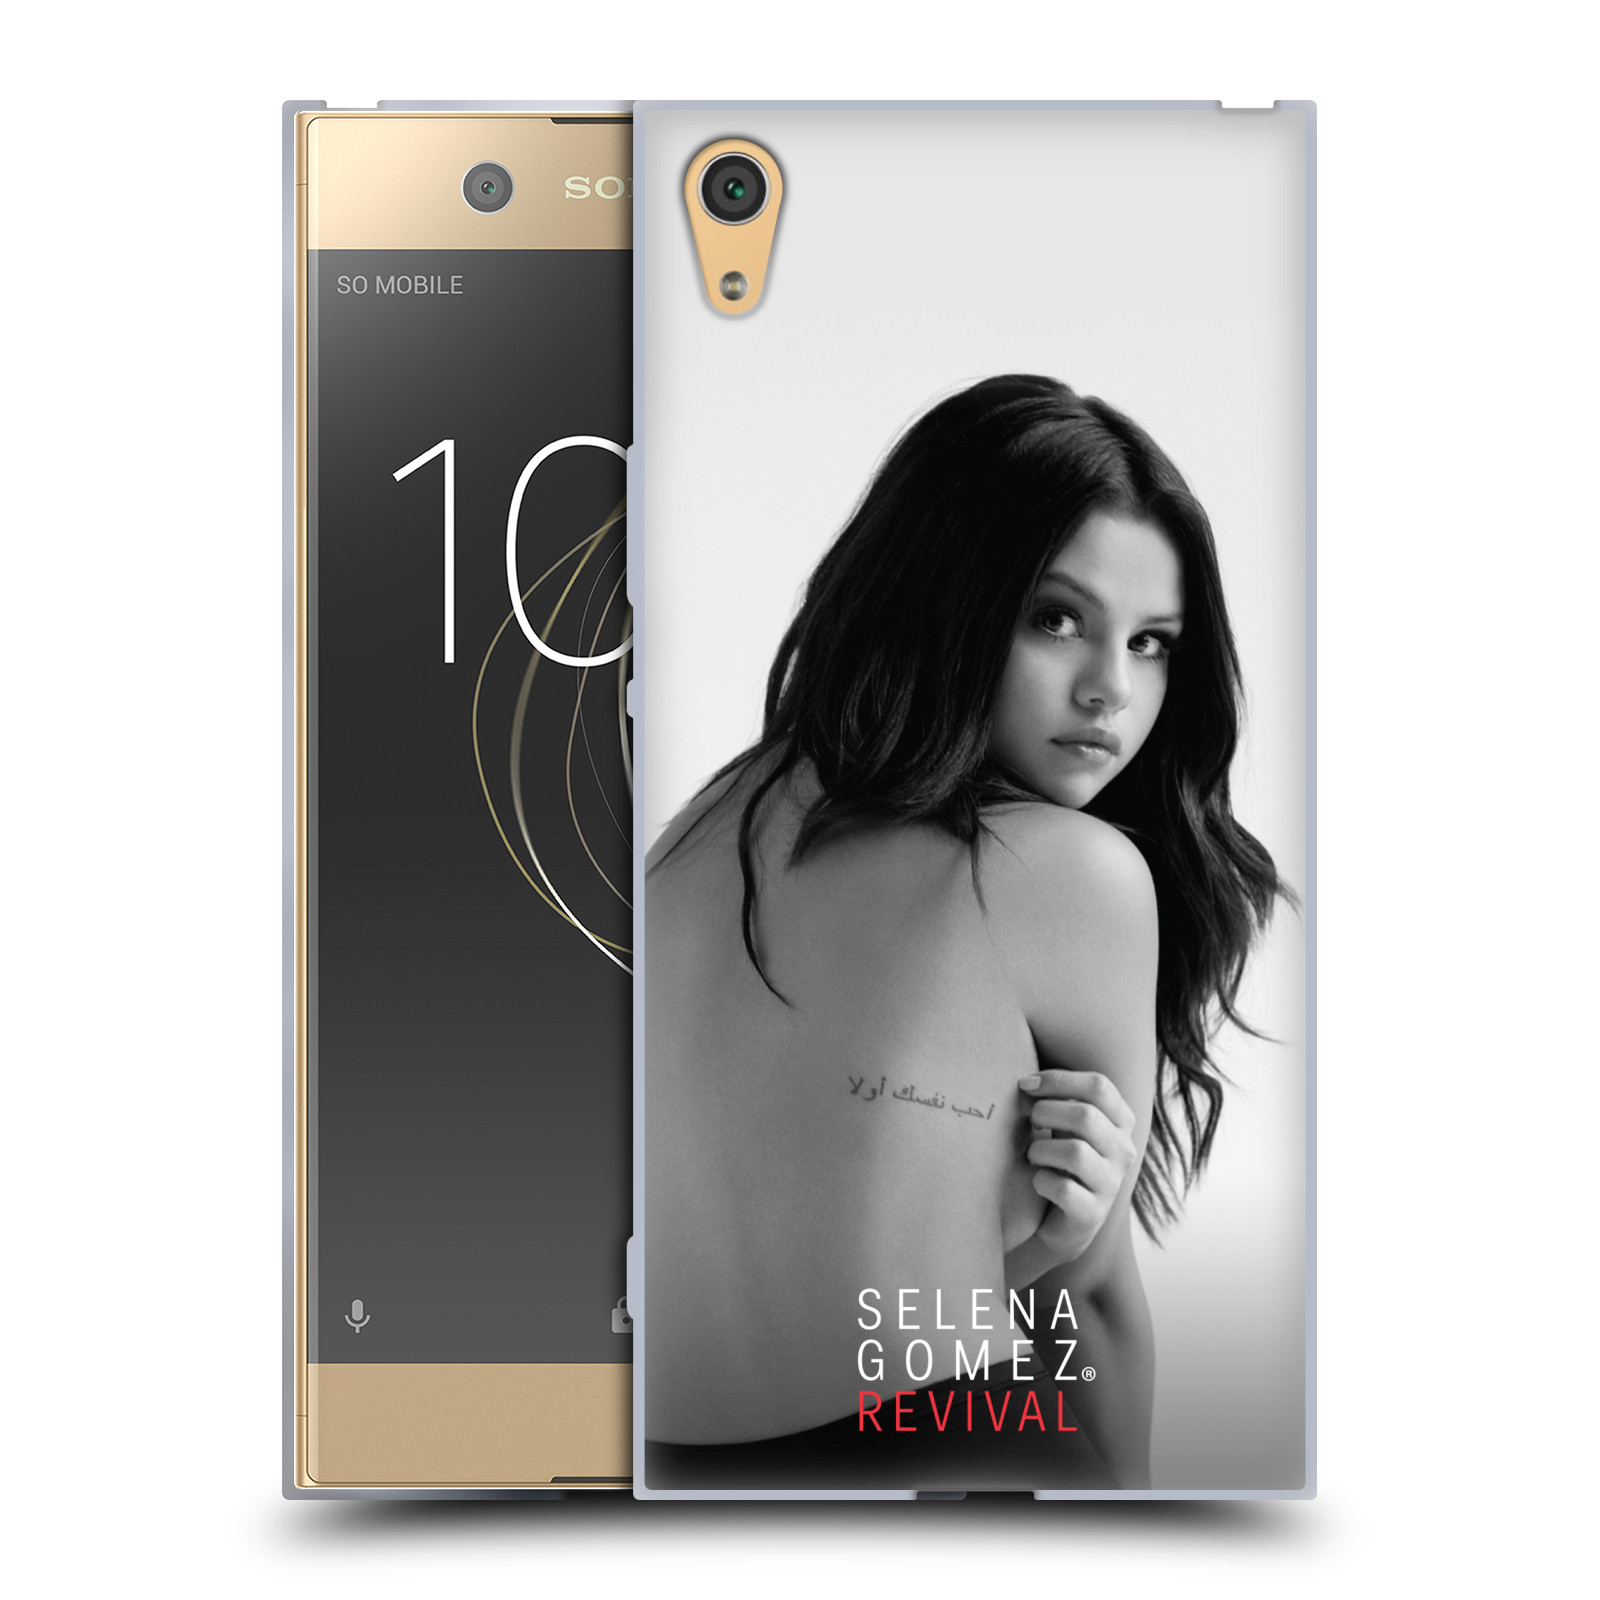 HEAD CASE silikonový obal na mobil Sony Xperia XA1 ULTRA Zpěvačka Selena Gomez foto Revival zadní strana